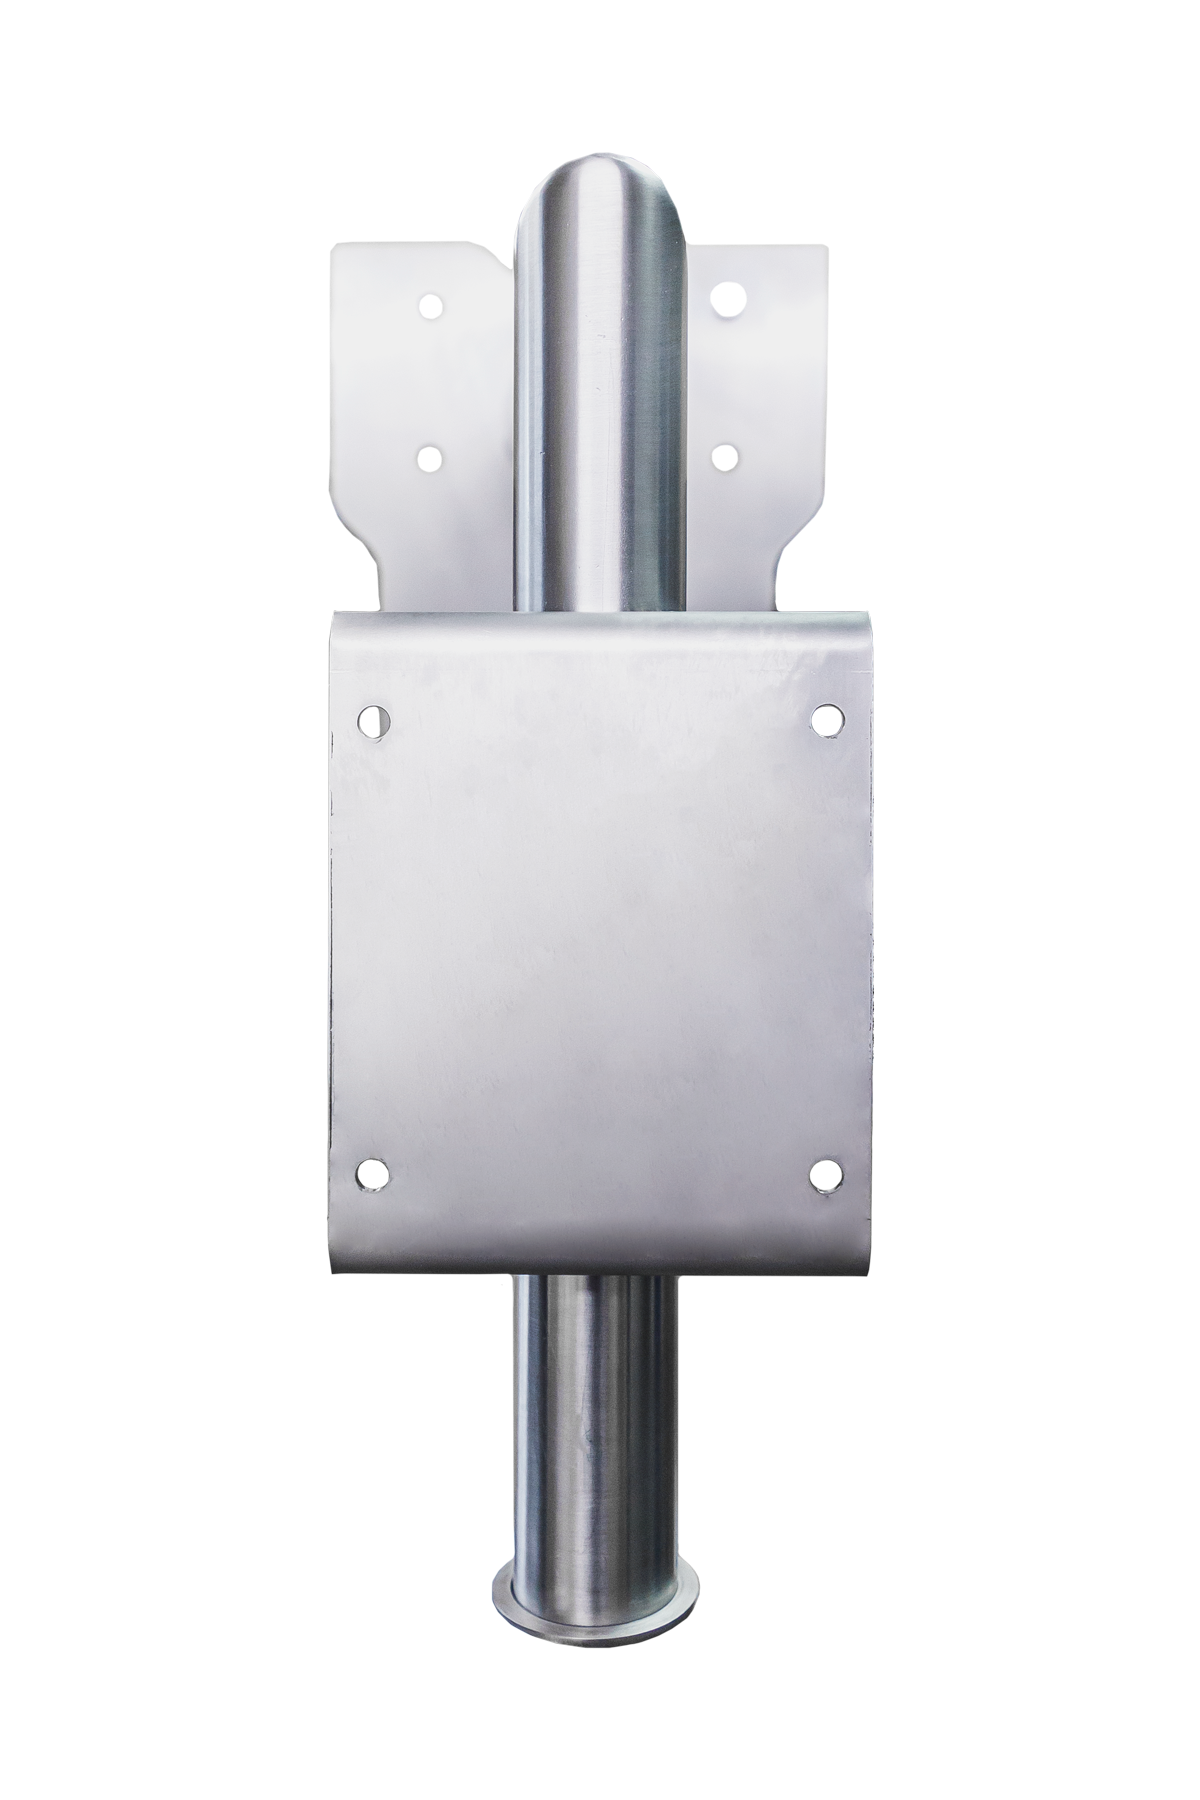 Heavy Duty Wall Mount Bracket Adjustable Accessories